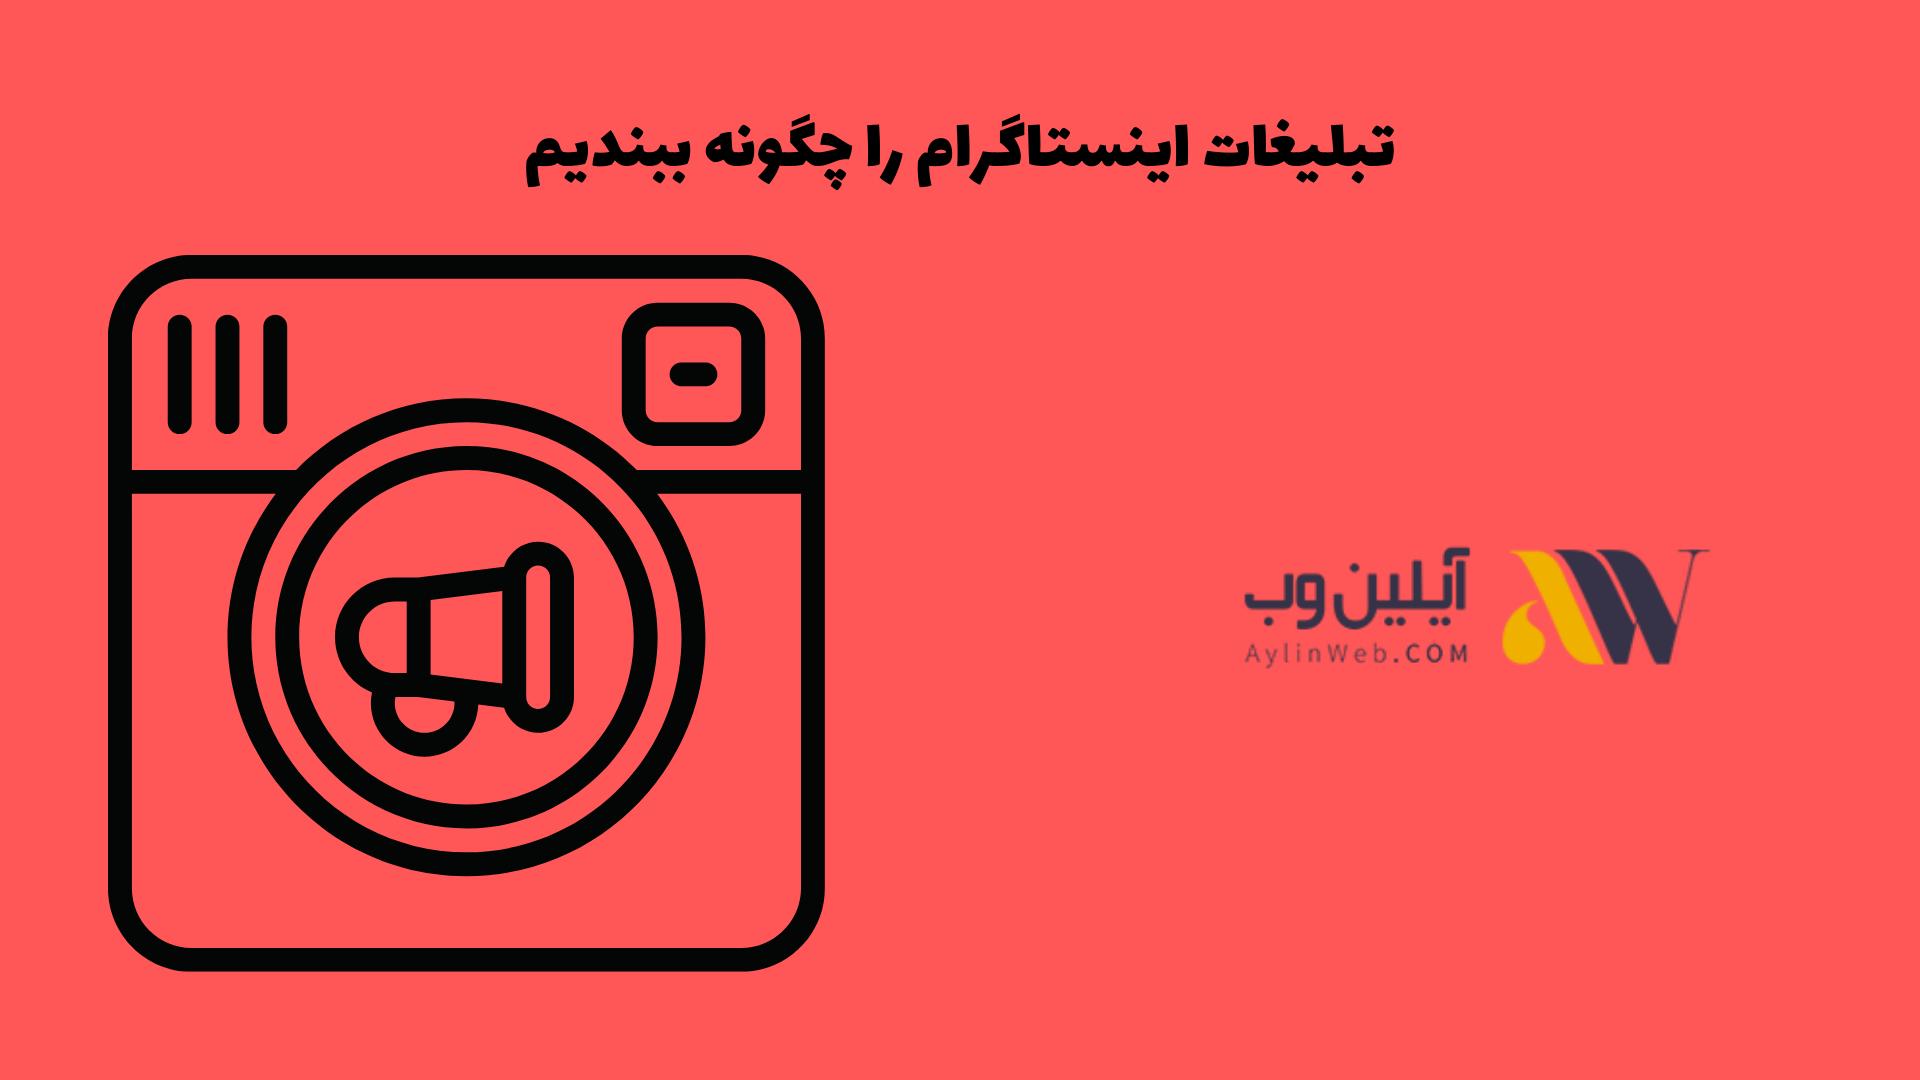 تبلیغات اینستاگرام را چگونه ببندیم